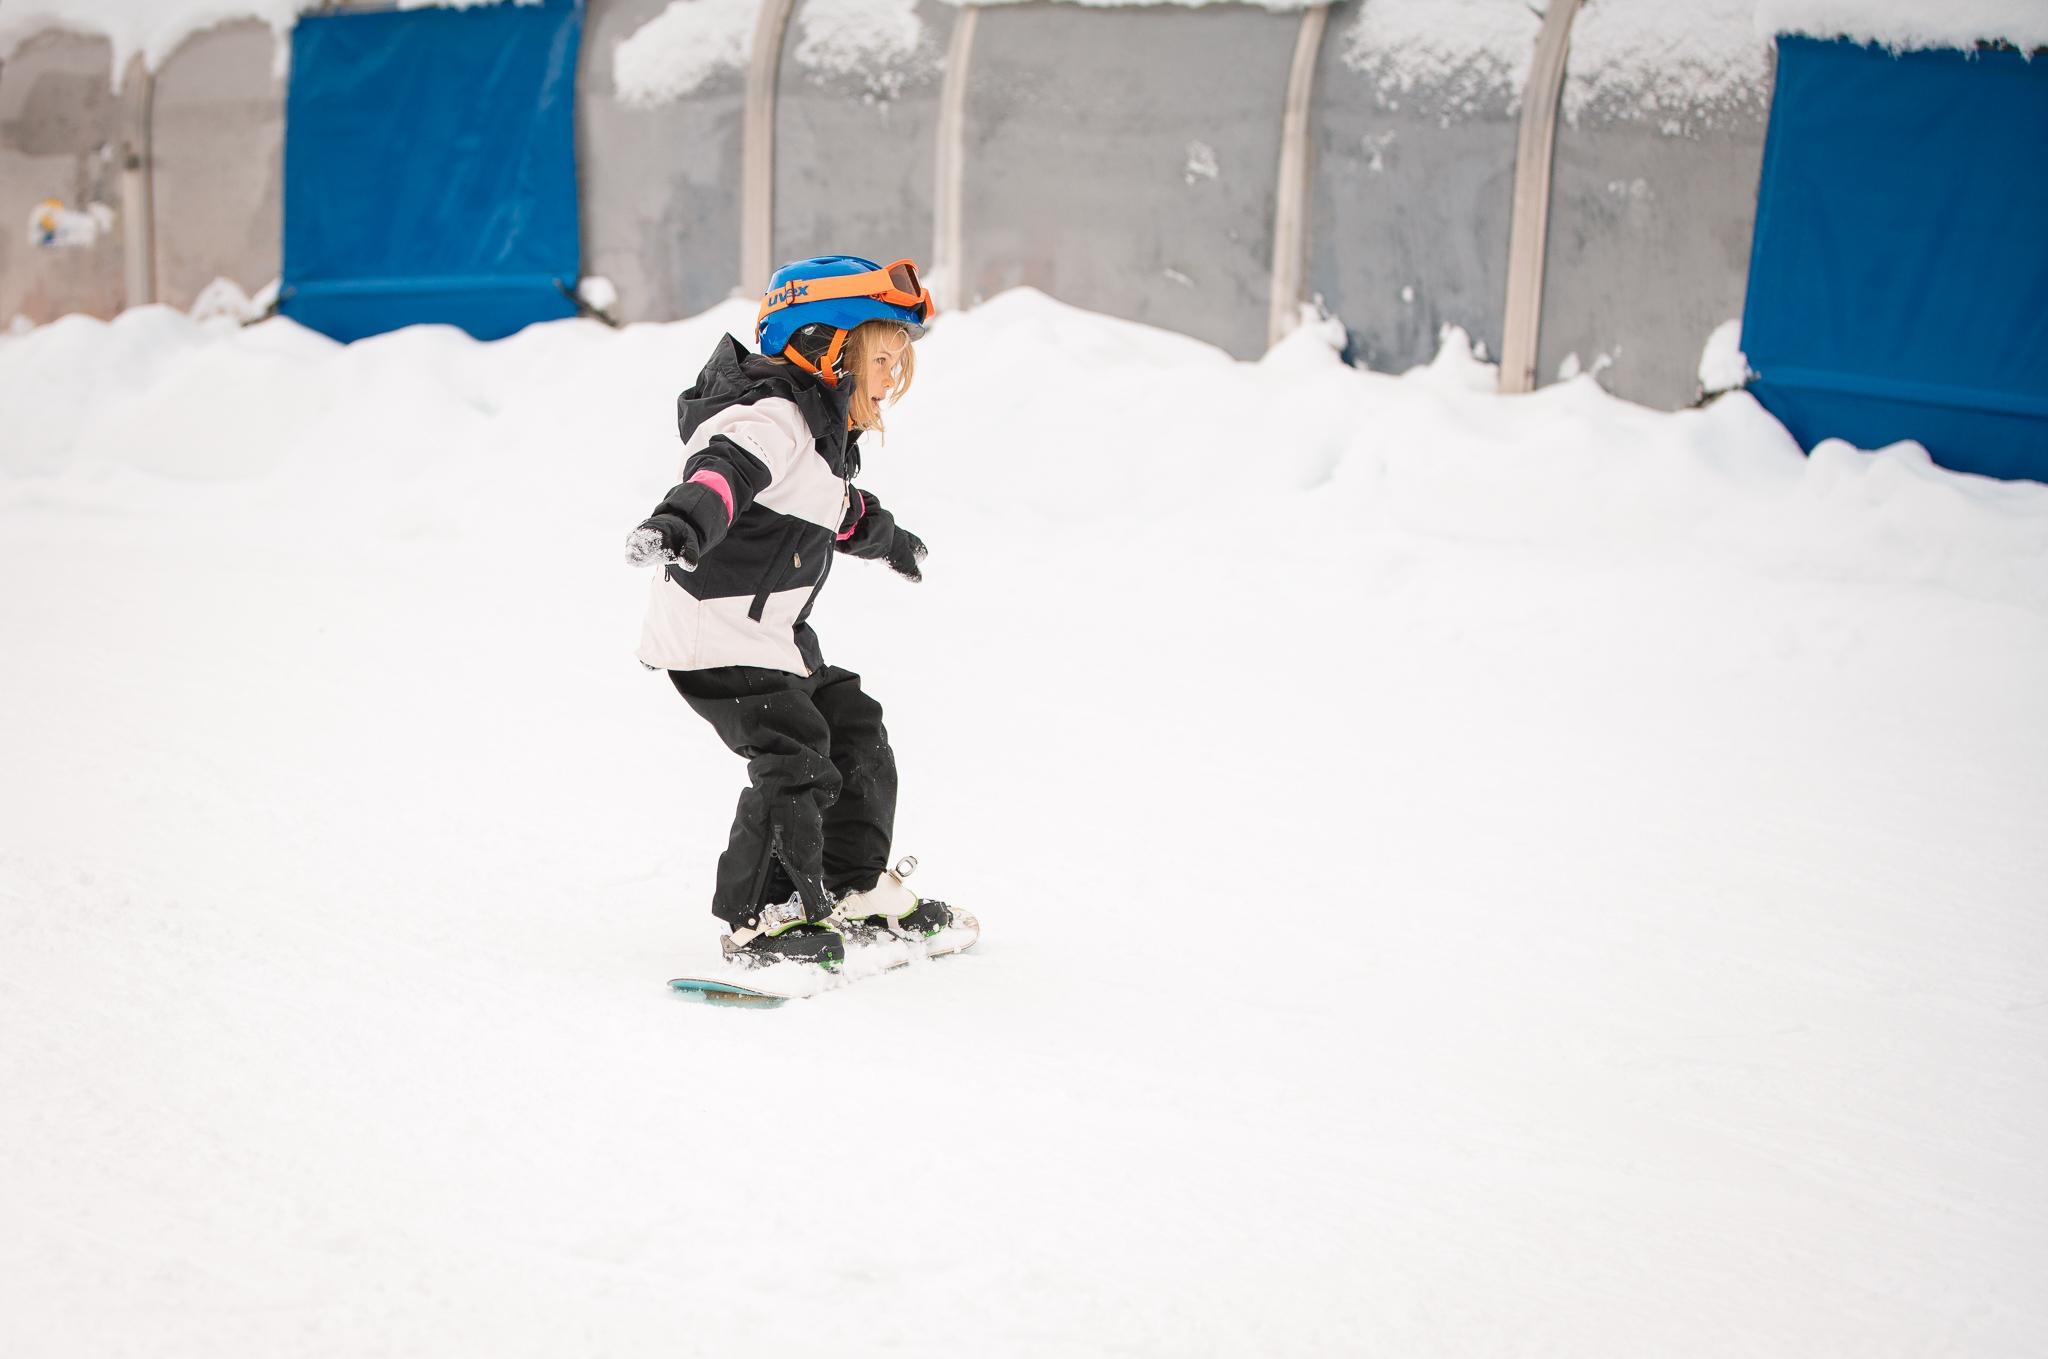 2019-01-27_Kidsday-Damüls-263.jpg